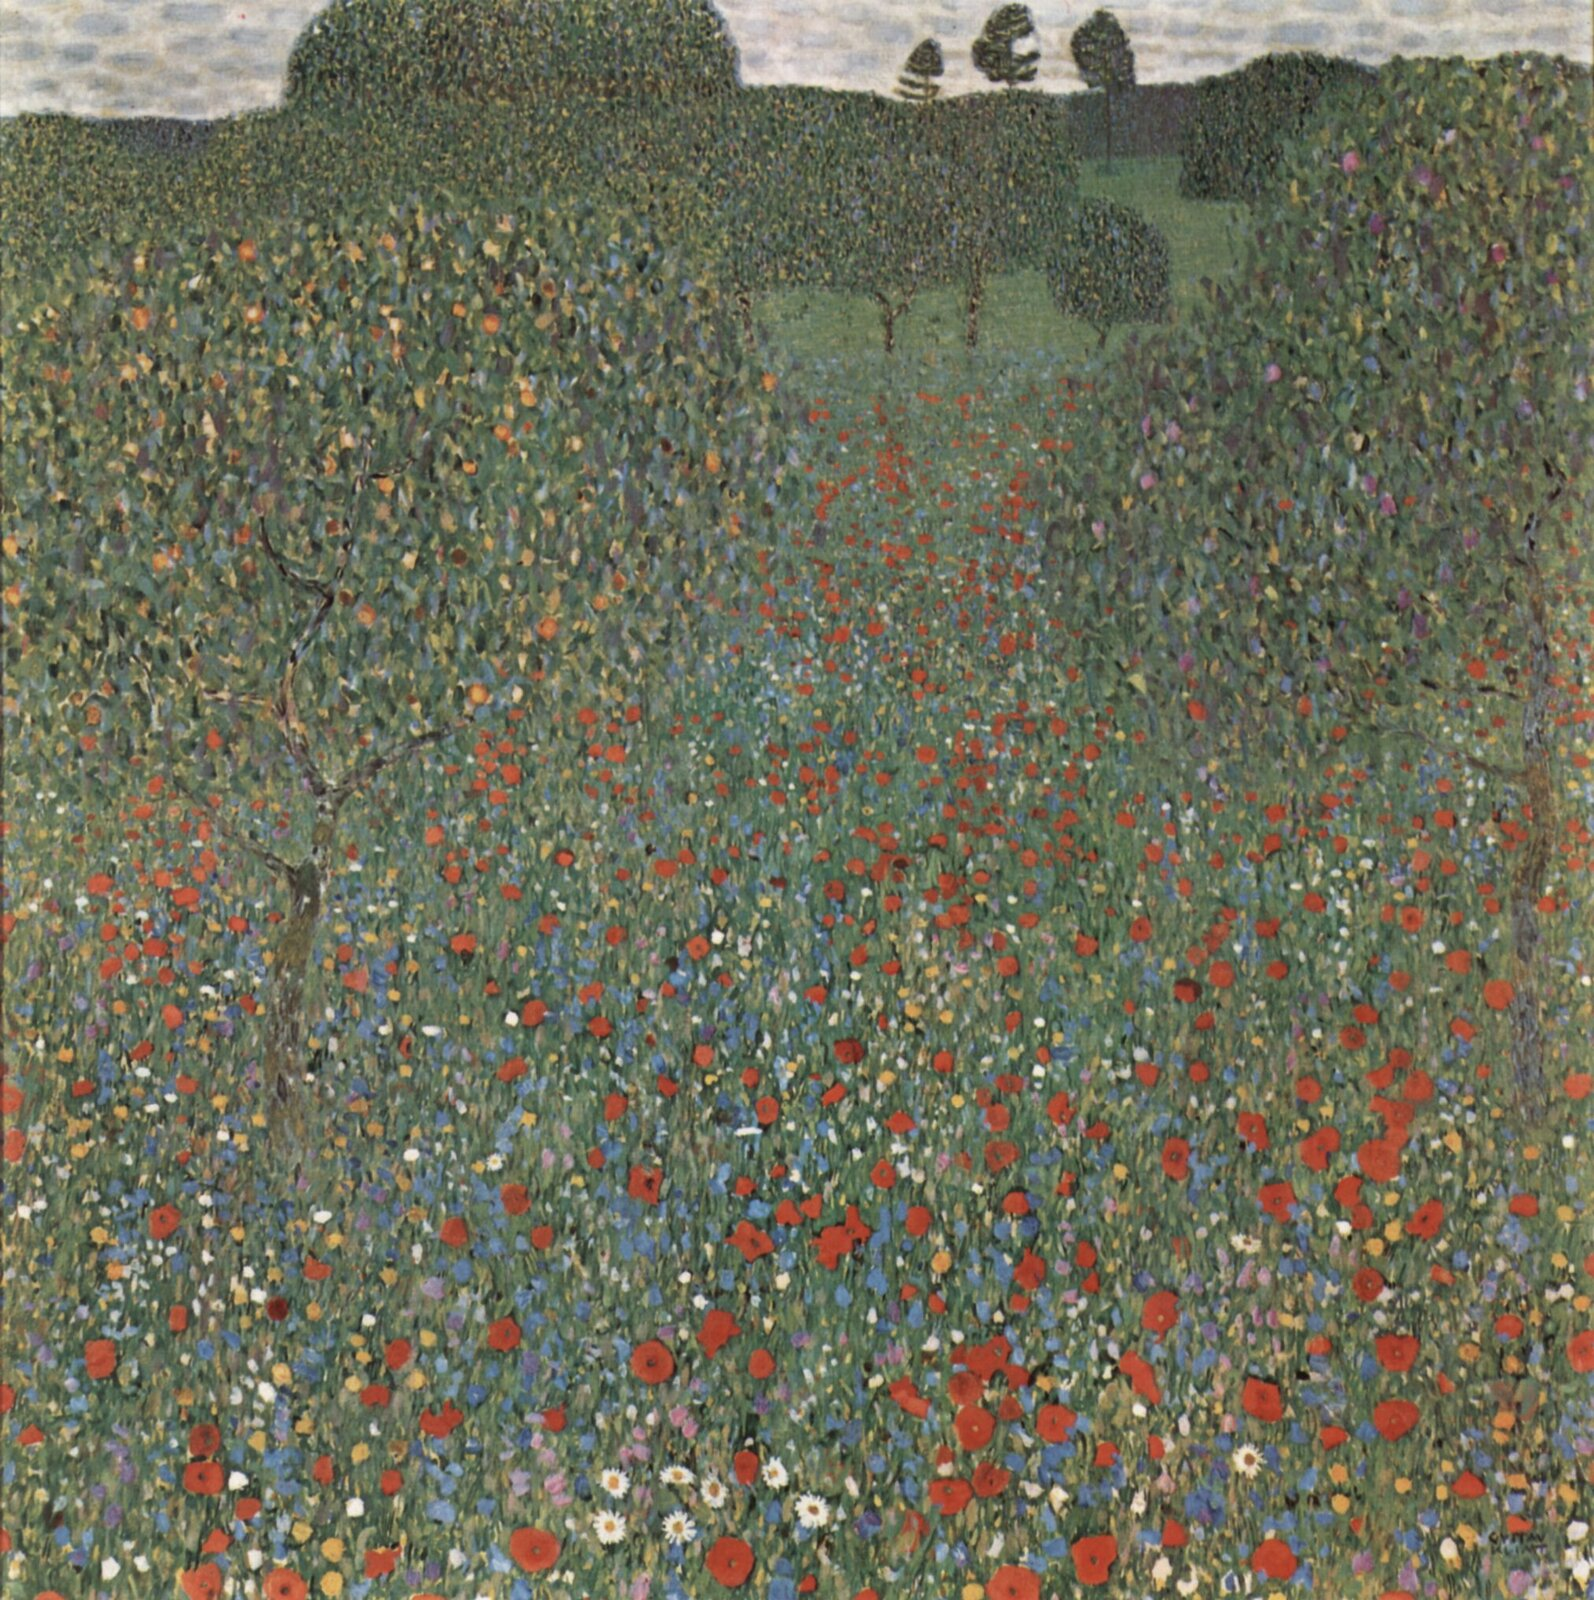 Gustaw Klimt, Pole maków Źródło: Gustaw Klimt, Pole maków, olej na płótnie, The Österreichische Galerie Belvedere, licencja: CC 0.